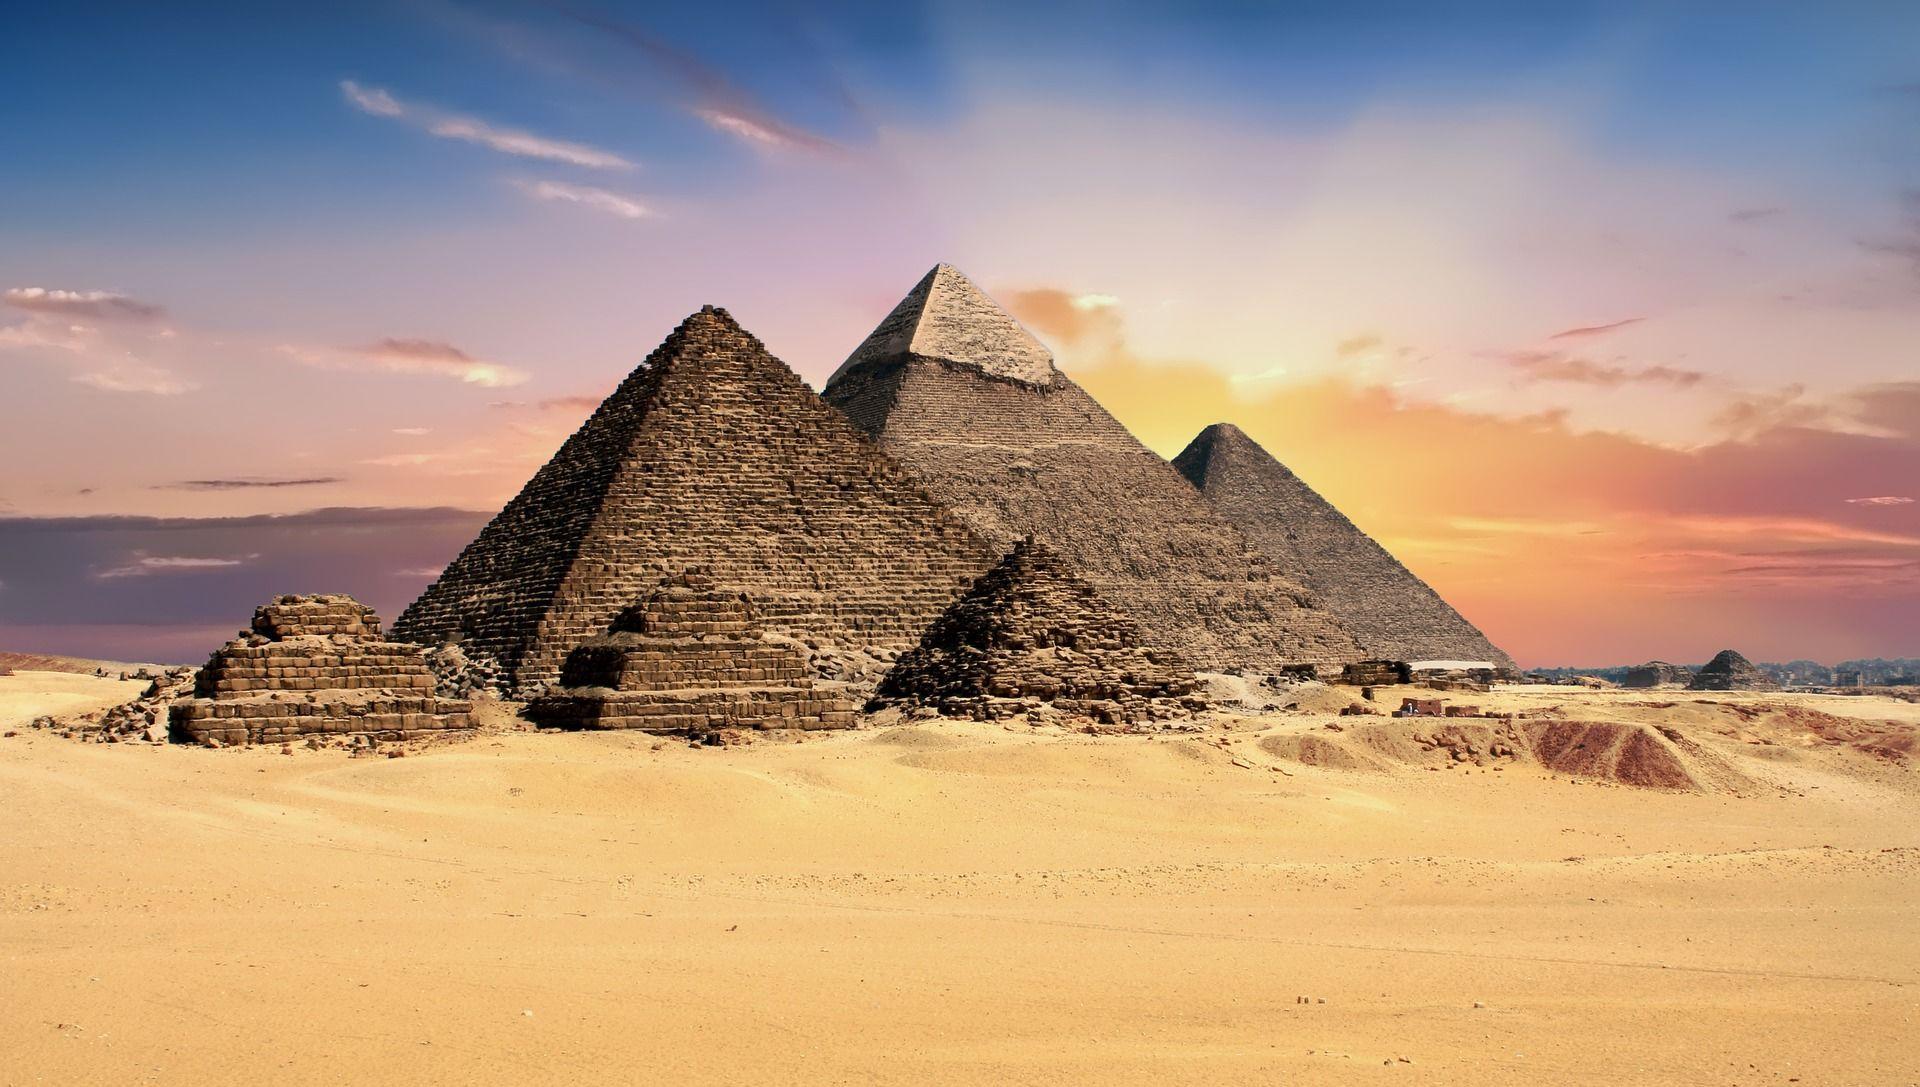 Єгипет, піраміди